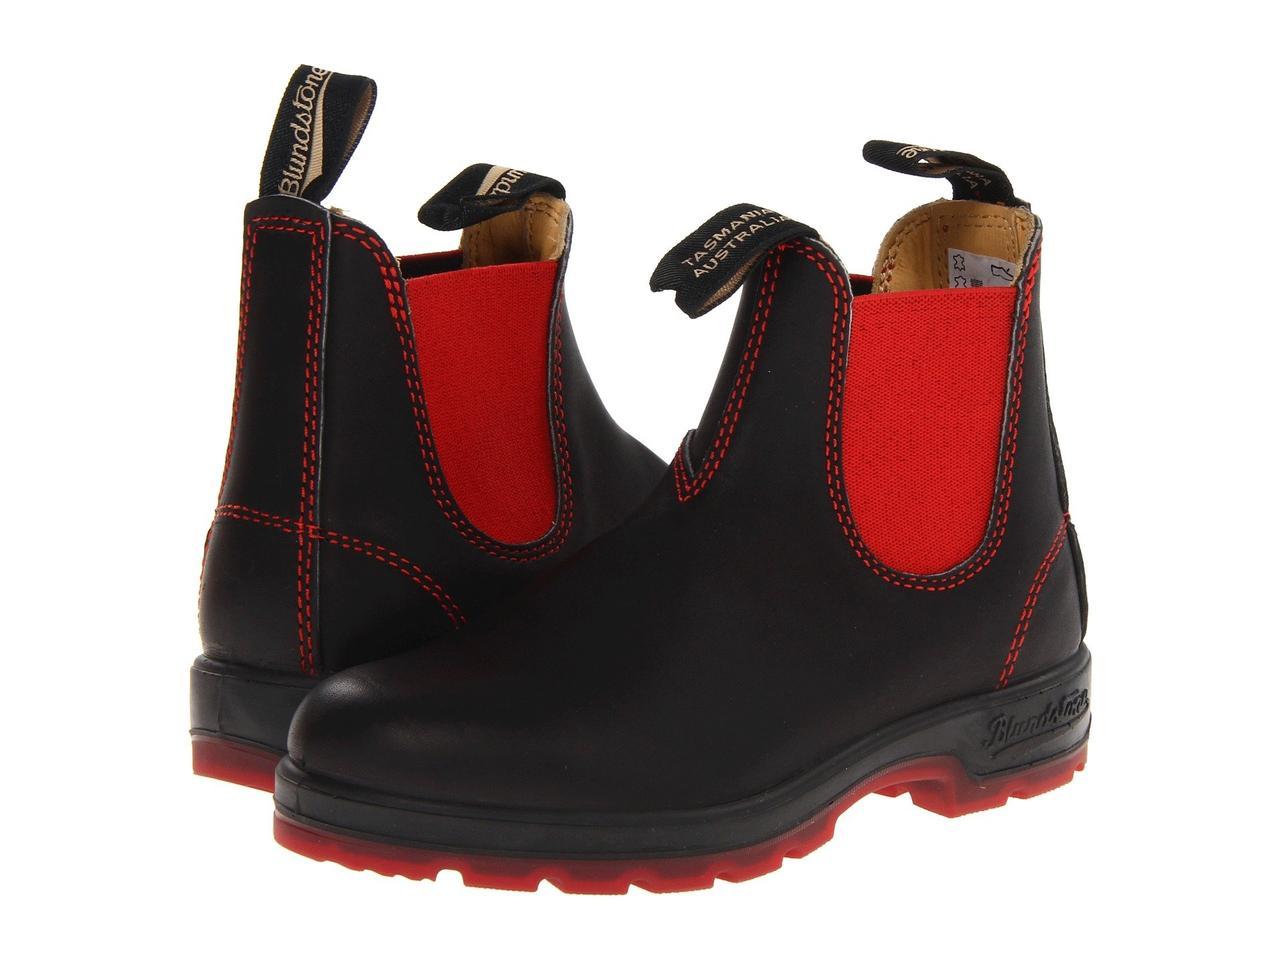 Ботинки/Сапоги (Оригинал) Blundstone BL1316 Black/Red